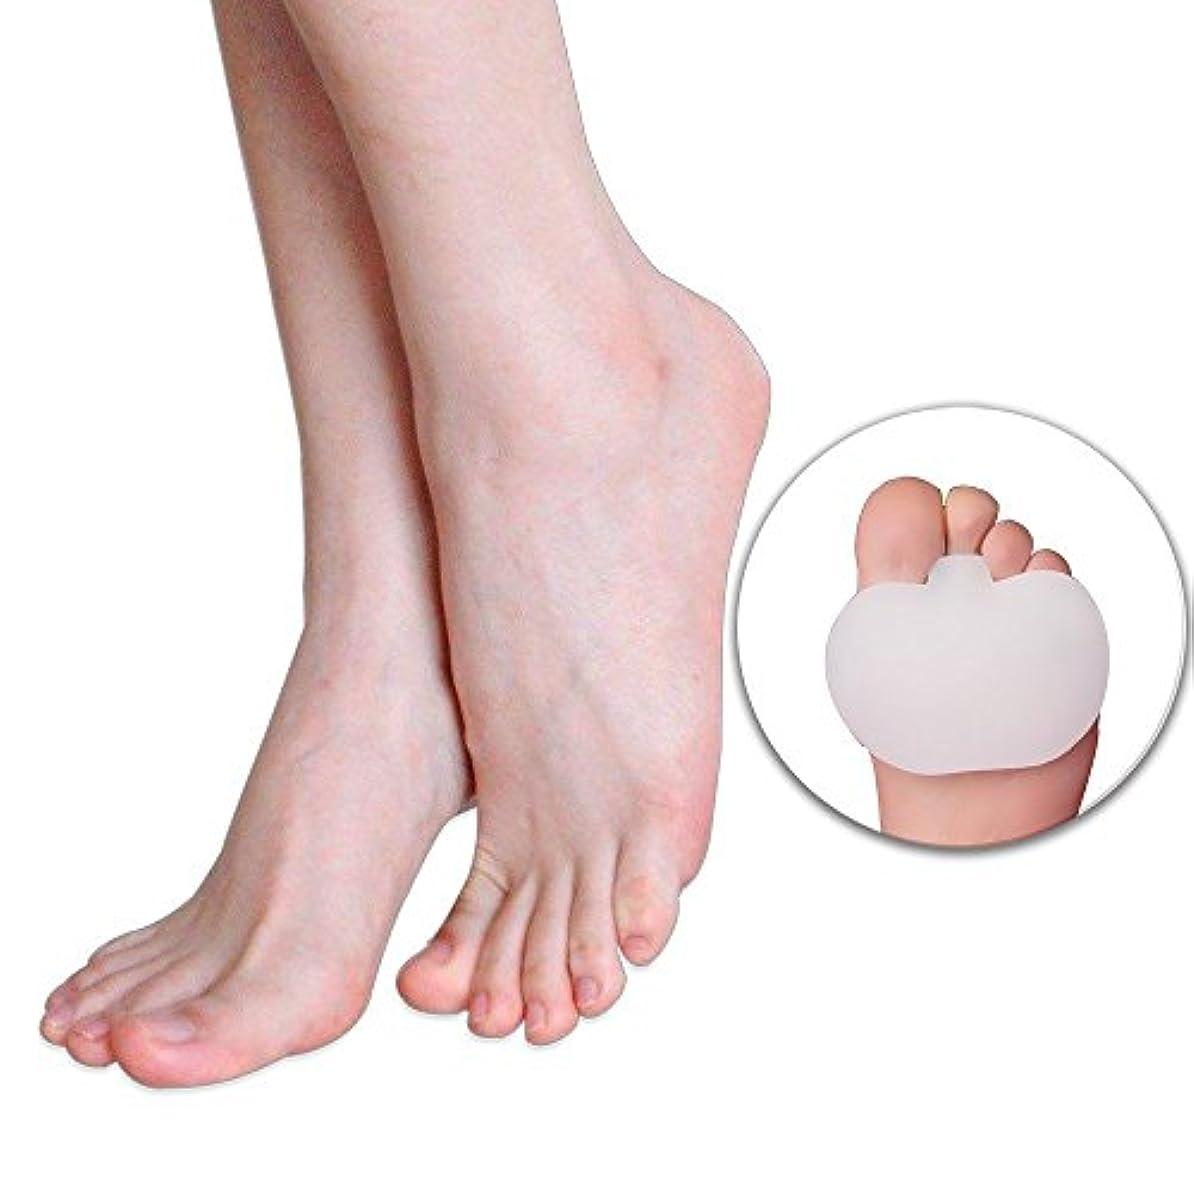 ありそうくしゃくしゃ慣習フットマッサージ 前足パット足のケア、ゲルソックス、つま先、シリコン、外反母趾矯正、ゲル中足骨パッド、足クッションのボール、前足のケア、痛みの足の痛み、外反、外反母趾